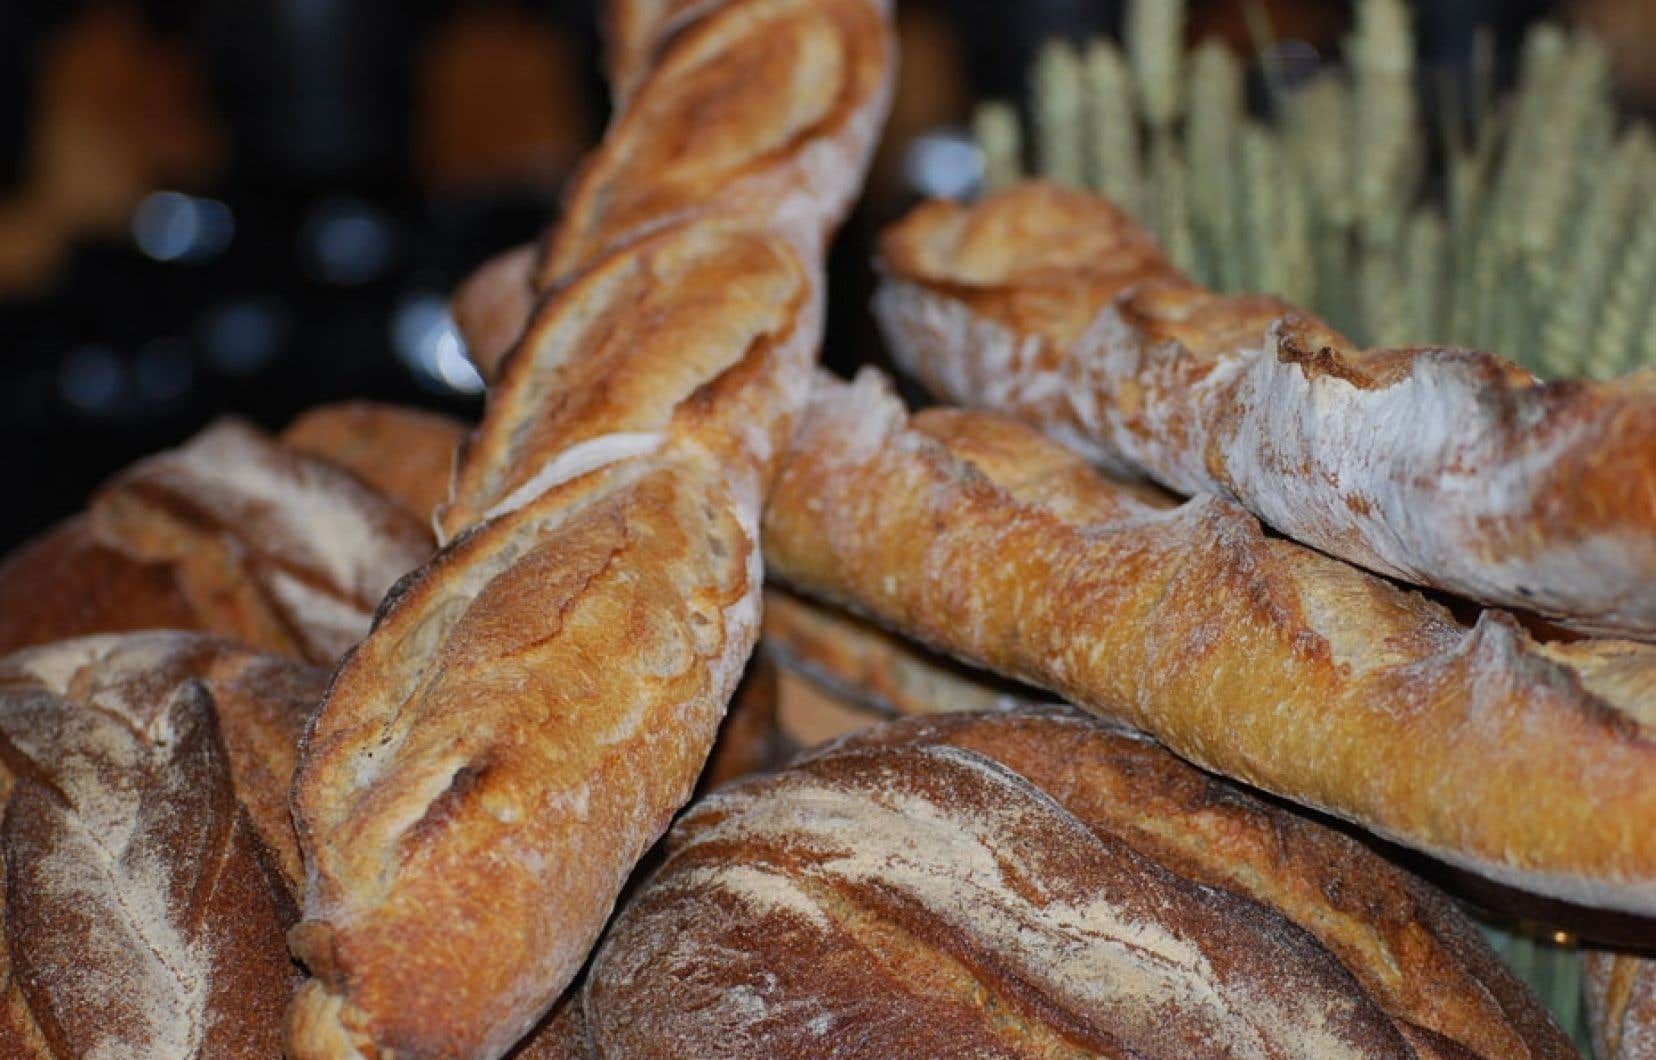 La boulangerie artisanale d'ici connaît une évolution phénoménale depuis une quinzaine d'années.